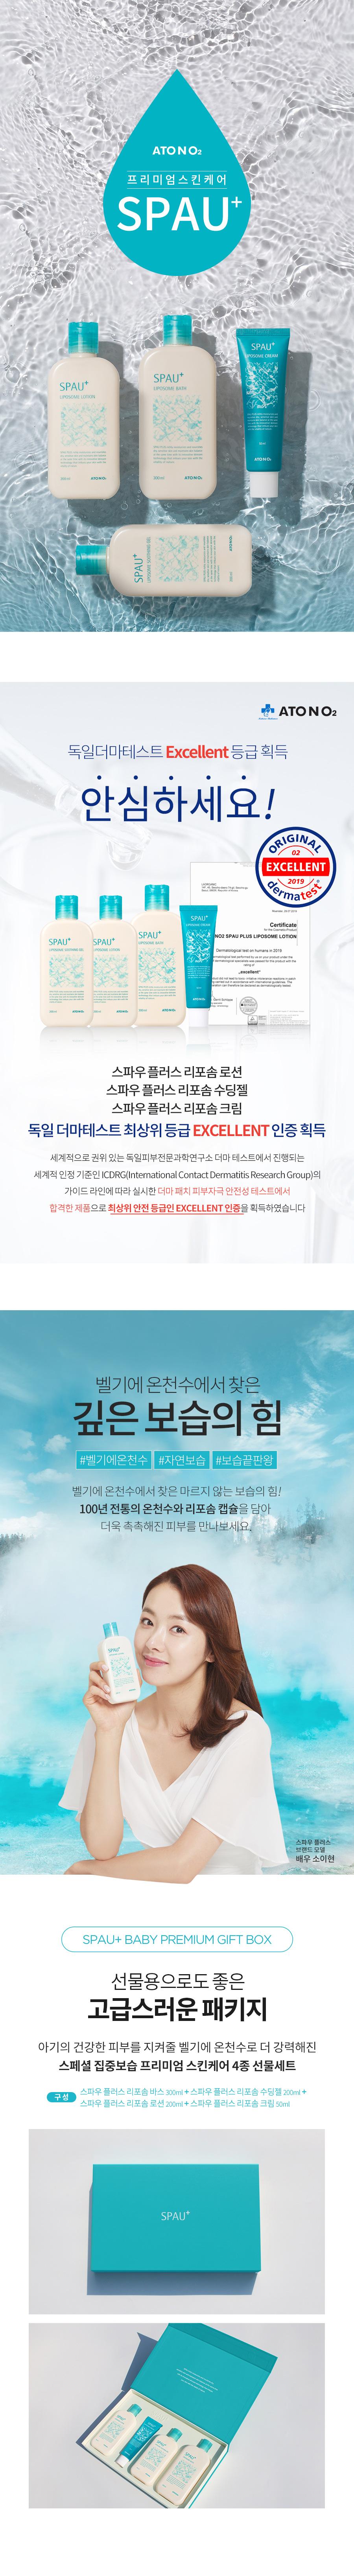 구매금액별 이벤트 온라인 전용 할인쿠폰 품목별 할인 이벤트